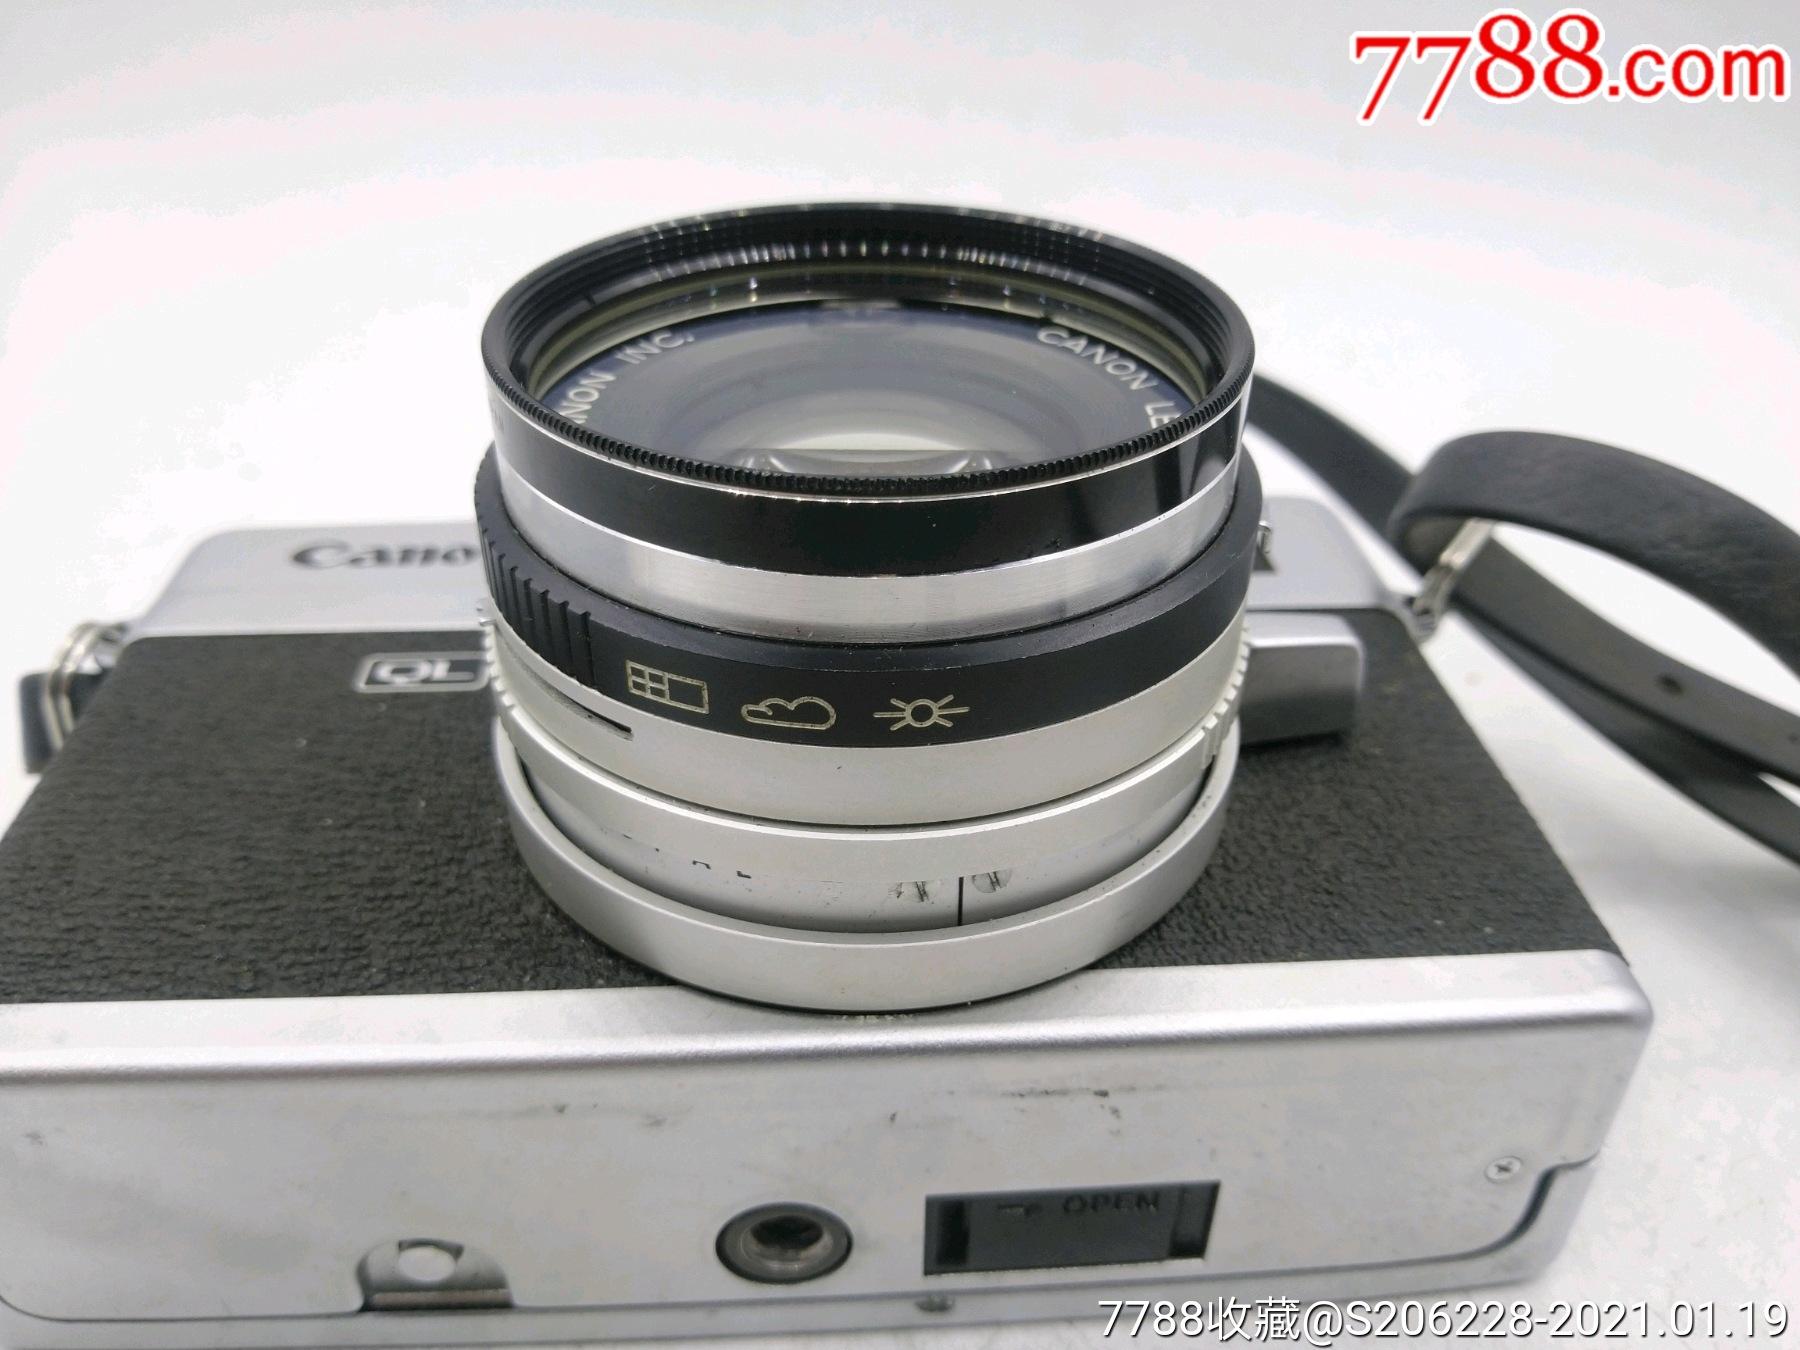 229★Canon_Canonet-QL17旁軸相機/機身編號:643049_價格260元_第14張_